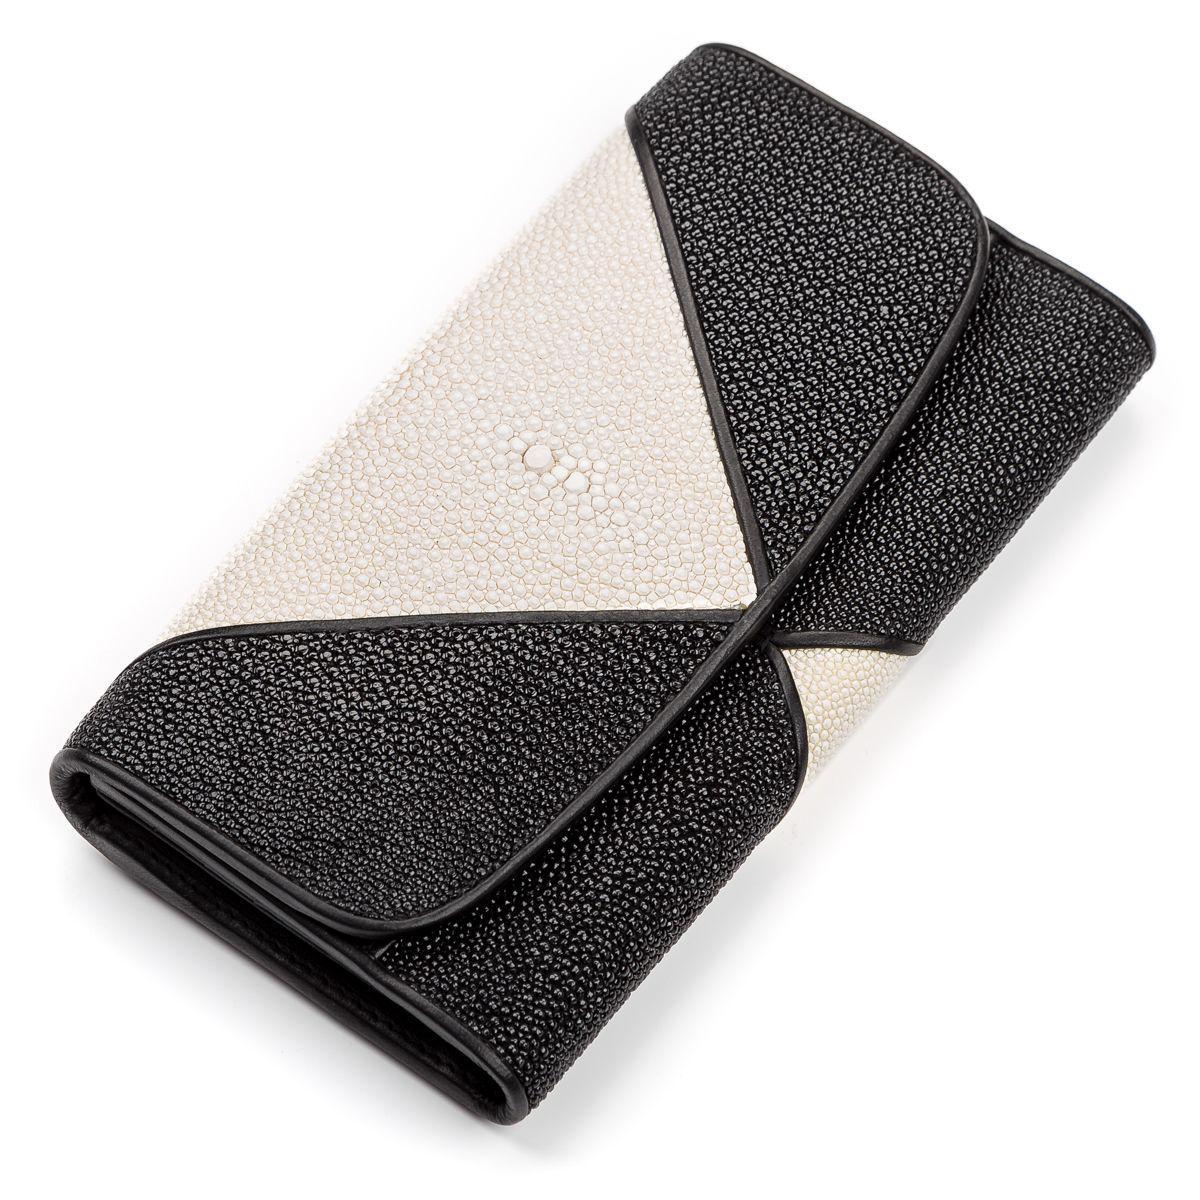 Кошелек женский Ekzotic leather из натуральной кожи морского ската Черный (stw 82)